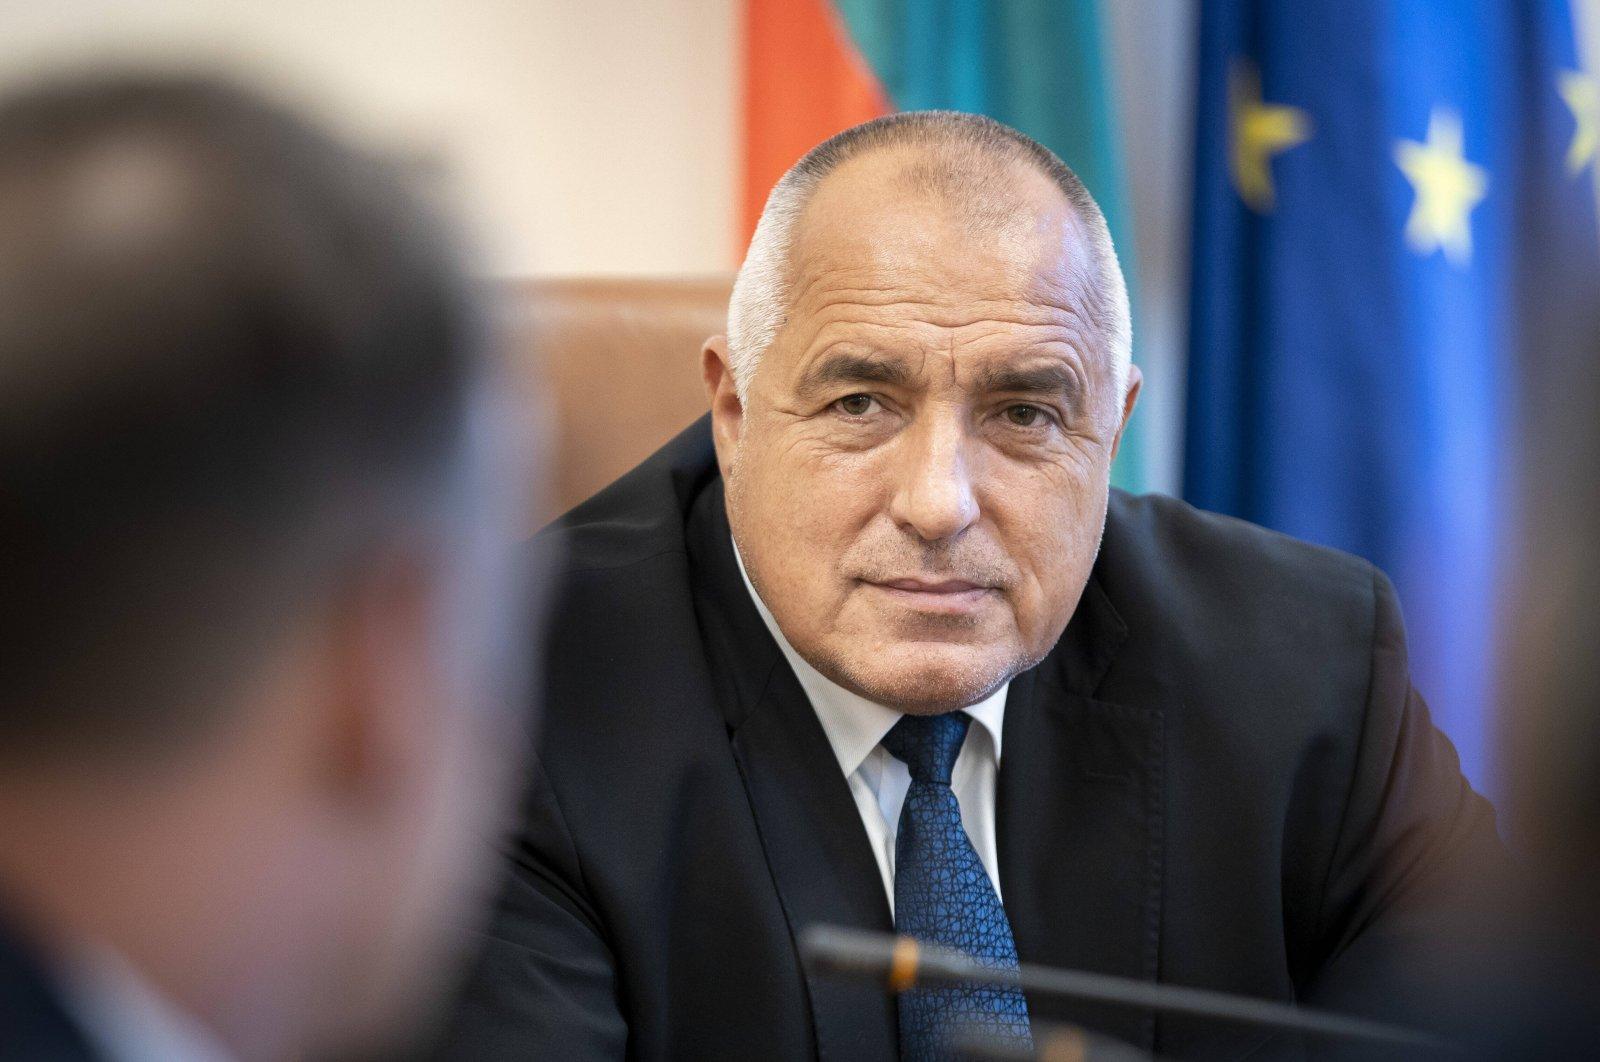 Boyko Borissov, Prime Minister of Bulgaria in Sofia June 18, 2020. (Reuters Photo)